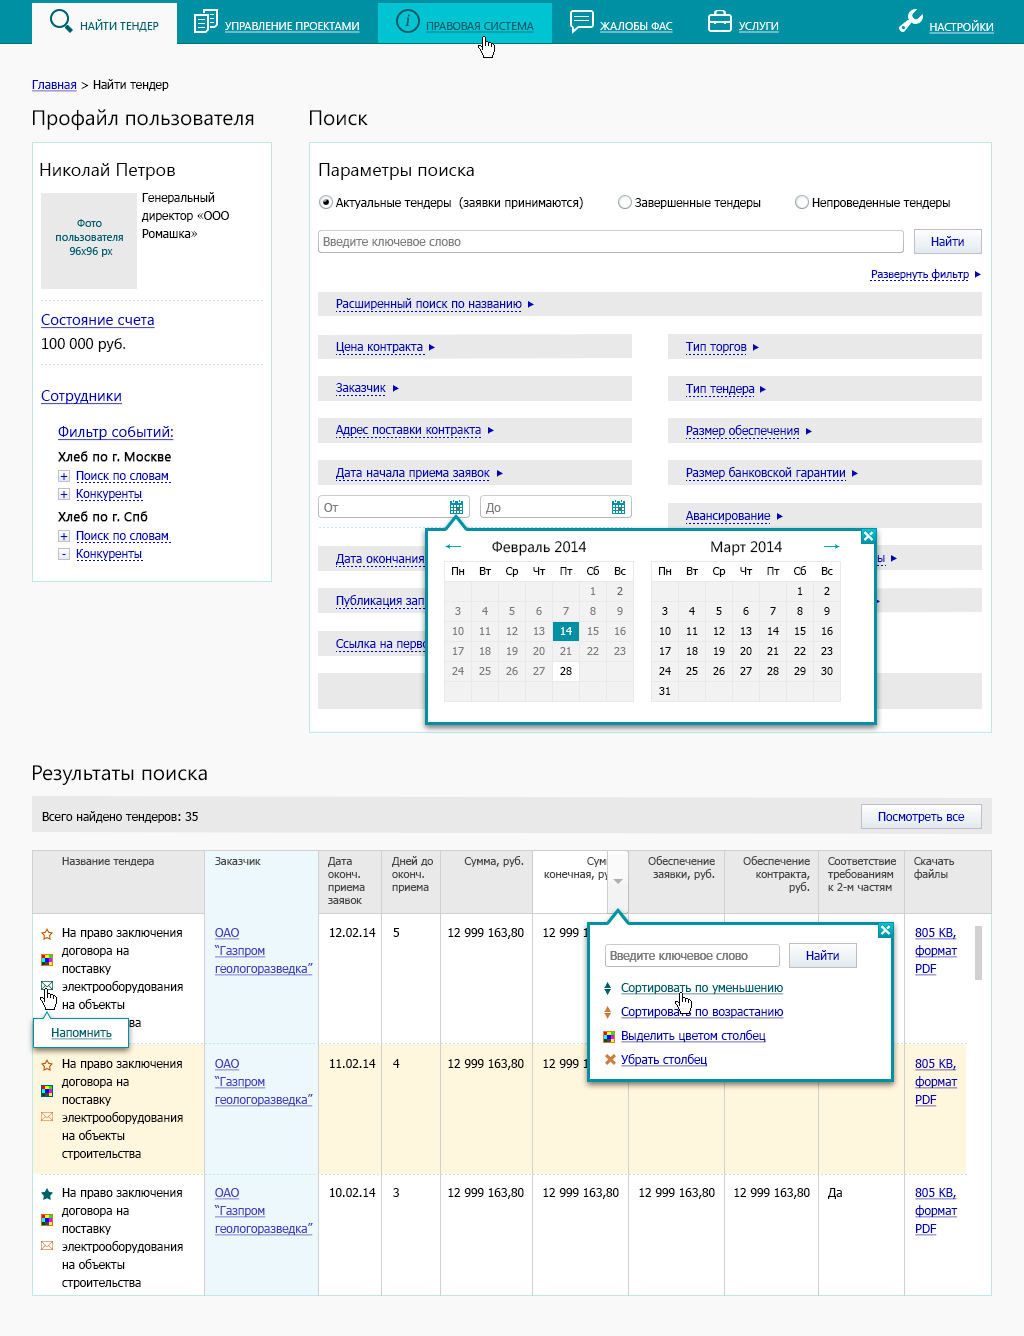 Дизайн итерфейса для SaaS-решения фото f_3035311a60d64136.png